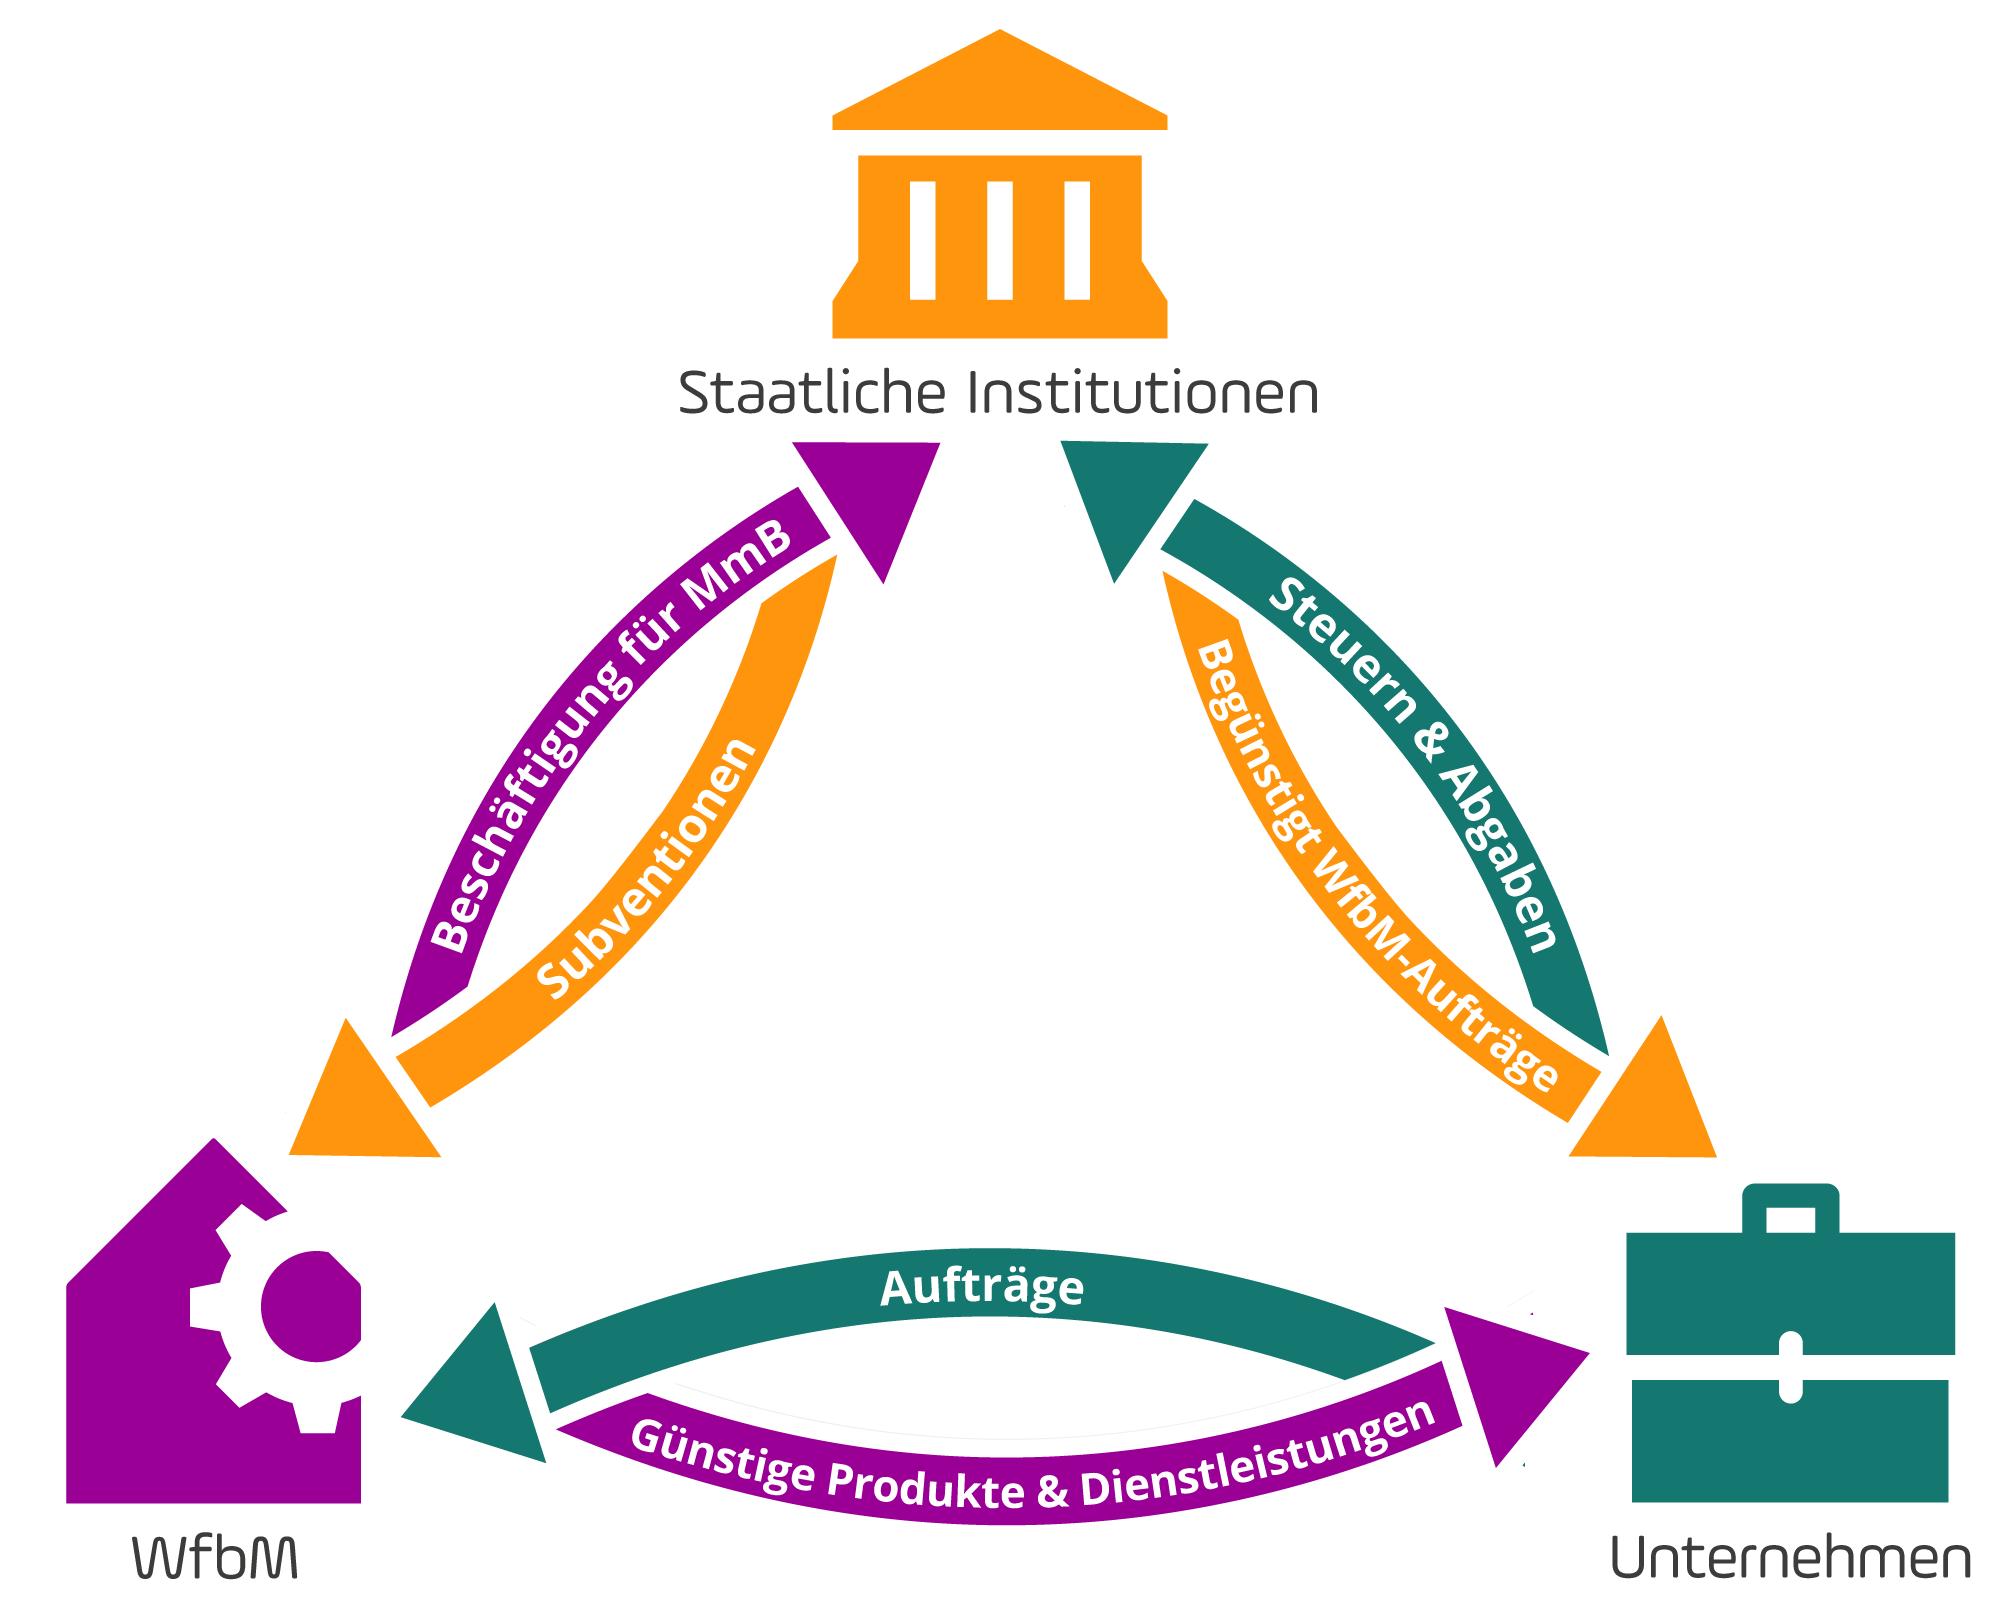 """Schaubild mit drei Akteuren. 1.""""Staatliche Institutionen"""", 2. Unternehmen, 3. WfbM. Sie sind im Dreieck angeordnet und stehen untereinander in verschiedenen Beziehungen, die durch Pfeile symbolisiert werden. Die staatlichen Institutionen subventionieren die WfbMs und begünstigt WfbM-Aufträge von Seiten der Unternehmen. Die Unternehmen wiederum leisten Steuern und Abgaben an die staatlichen Institutionen und vergeben Aufträge an die WfbM. Die Werkstätten wiederum liefern den Unternehmen günstige Produkte und Dienstleistungen und sichern gegenüber dem Staat die Beschäftigung von Menschen mit Behinderung ab. So entsteht ein Geflecht aus gegenseitigen Beziehungen."""